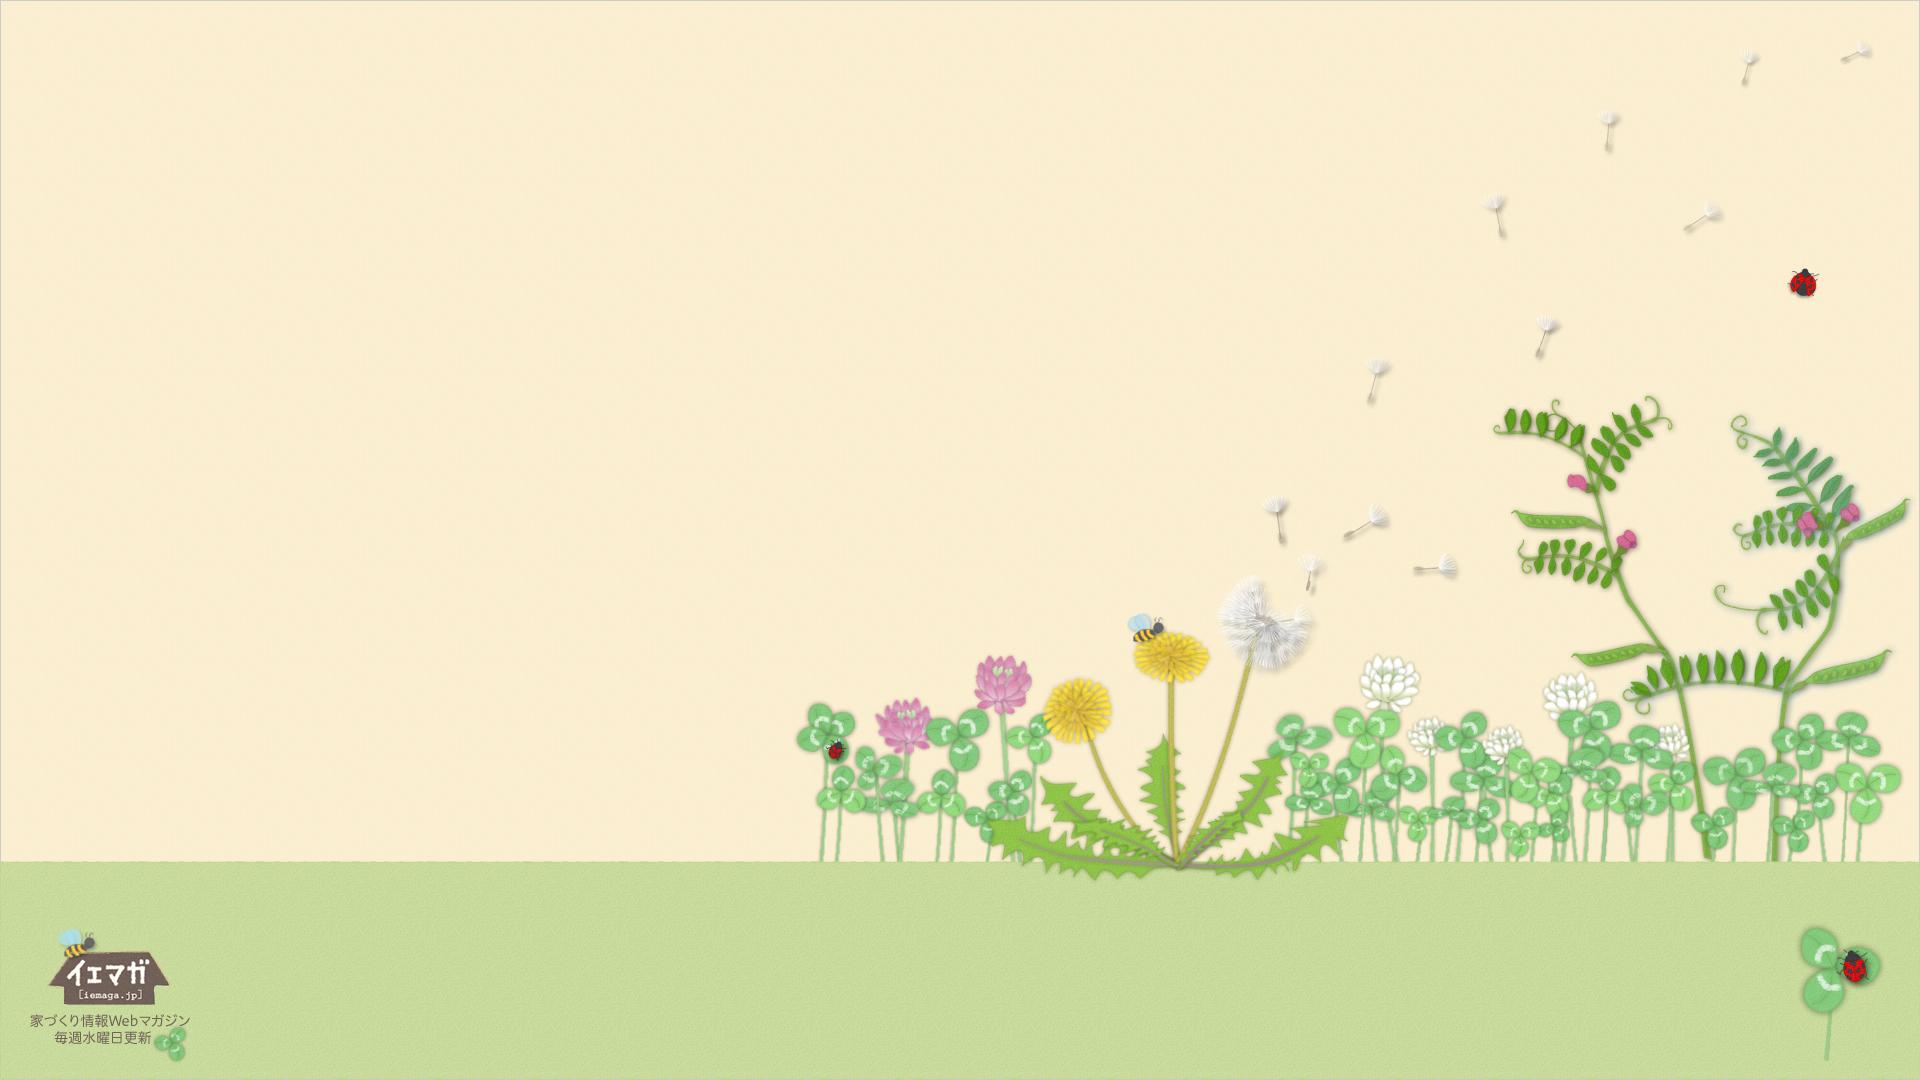 春 壁紙 イラスト Wallpaper For You あなたのための壁紙最高品質